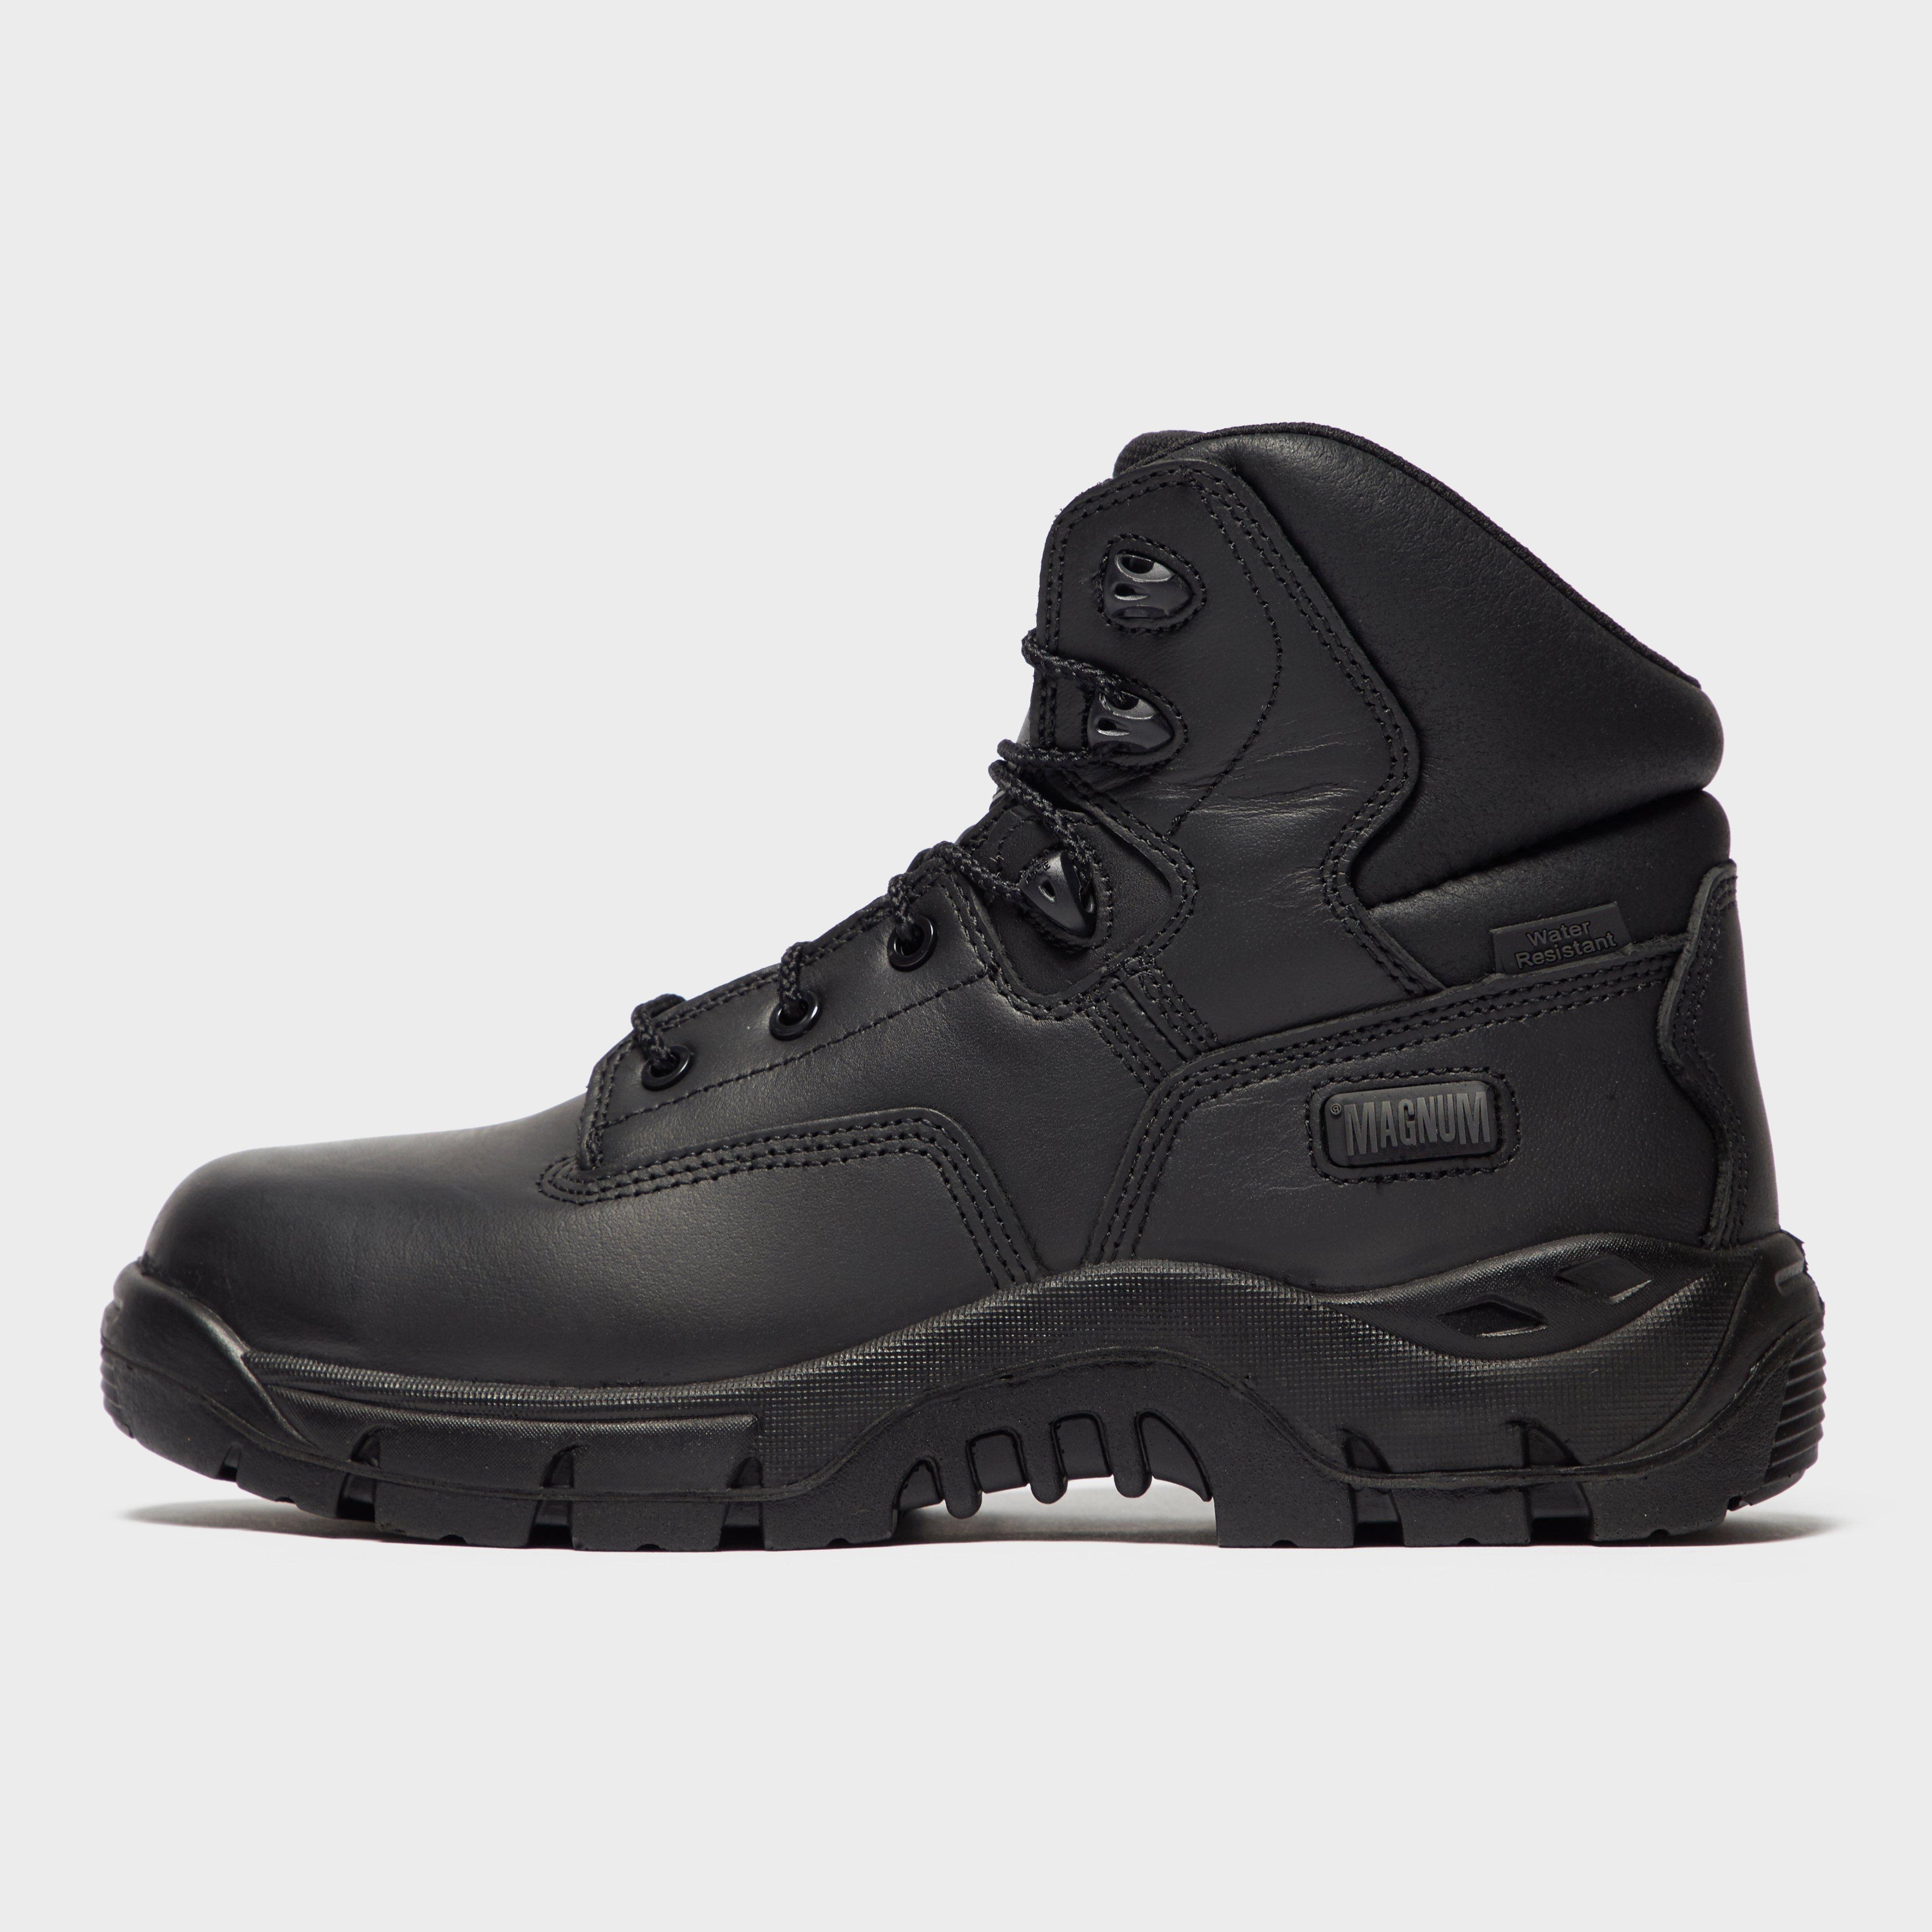 magnum Magnum Precision Sitemaster Leather Composite Boots - Black, Black